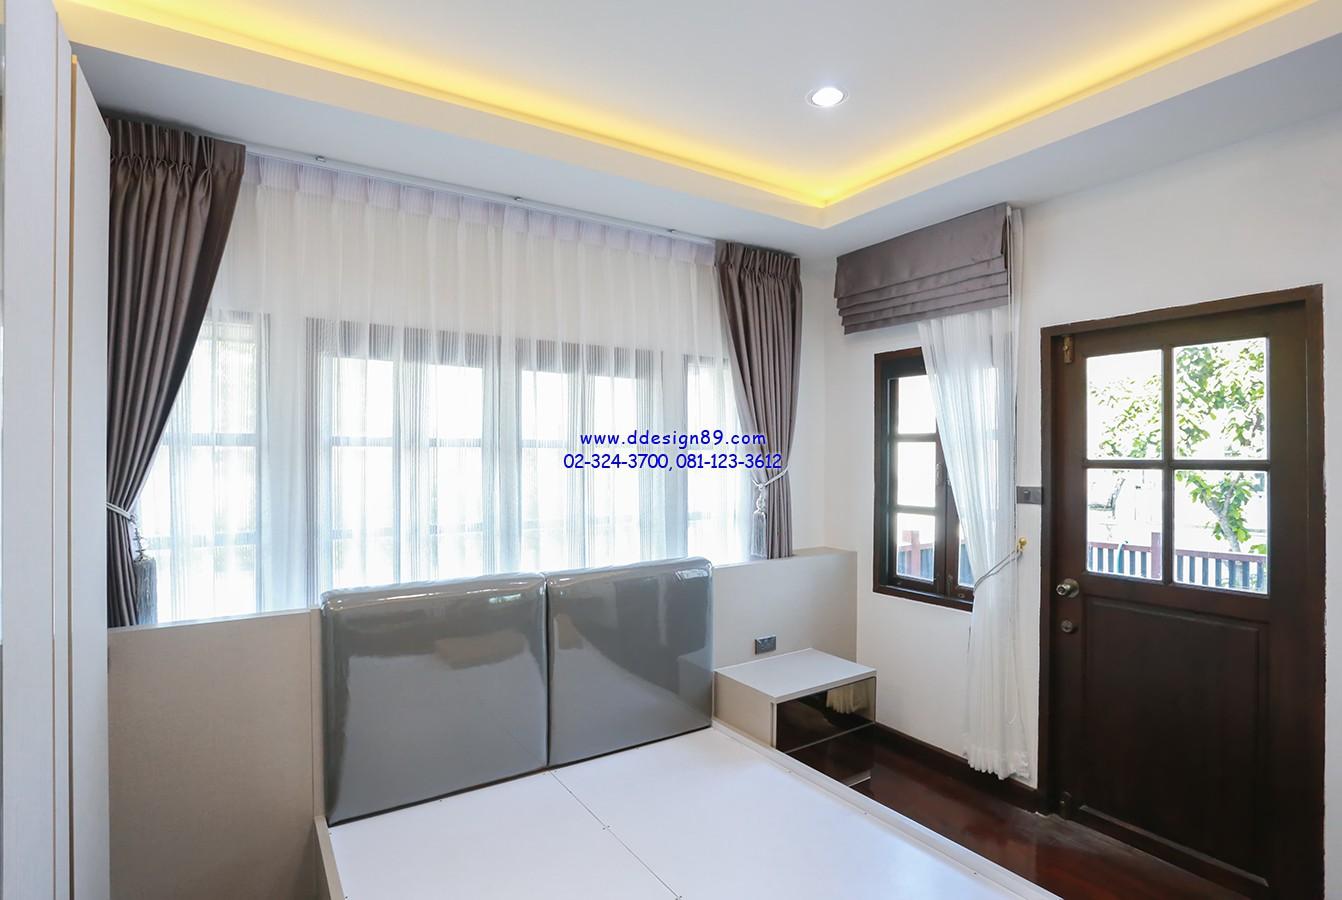 ม่านติดในห้องนอน  ส่วนของห้องนอน บริเวณหัวเตียงเลือกการติดม่านให้สูงจรดเพดาน เพื่อให้ห้องนอนดูกว้างปลอดโปร่ง